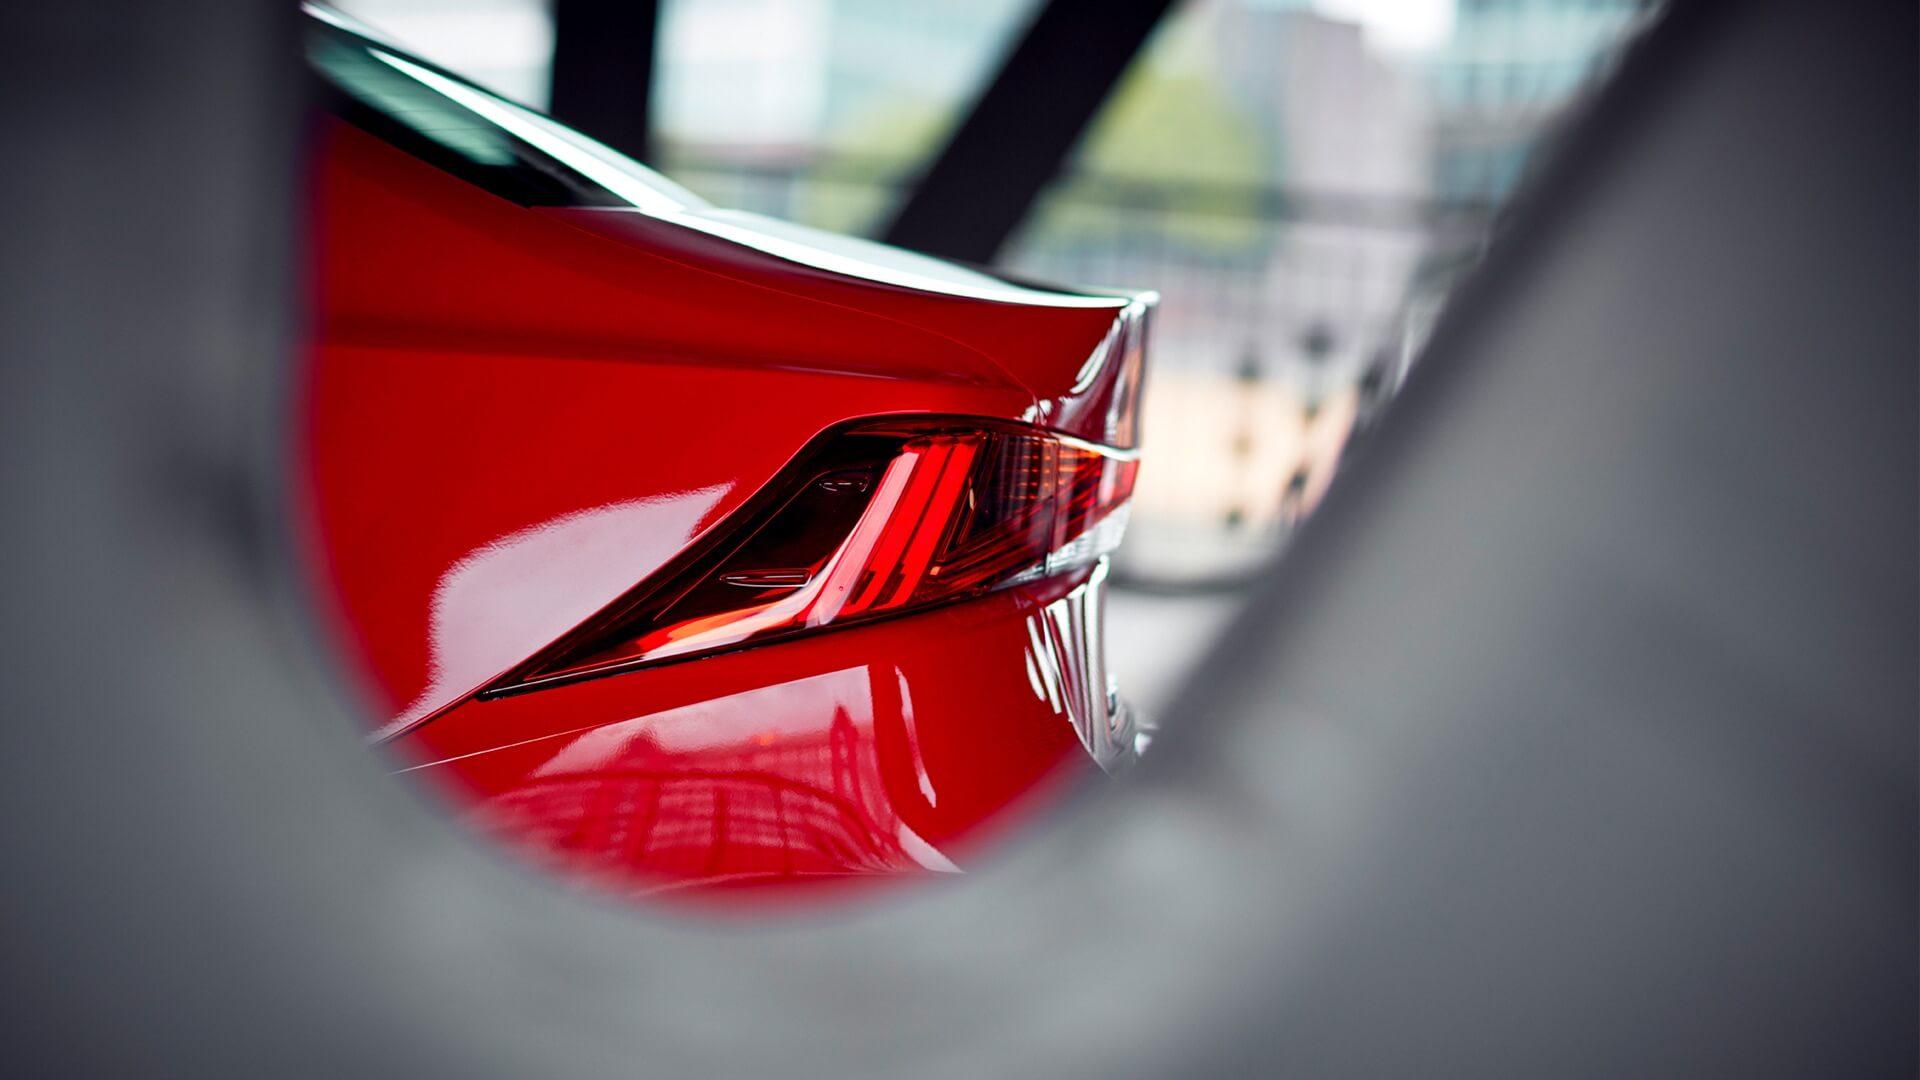 Rød Lexus modell med baklykt i fokus sett igjennom et hull i en vegg